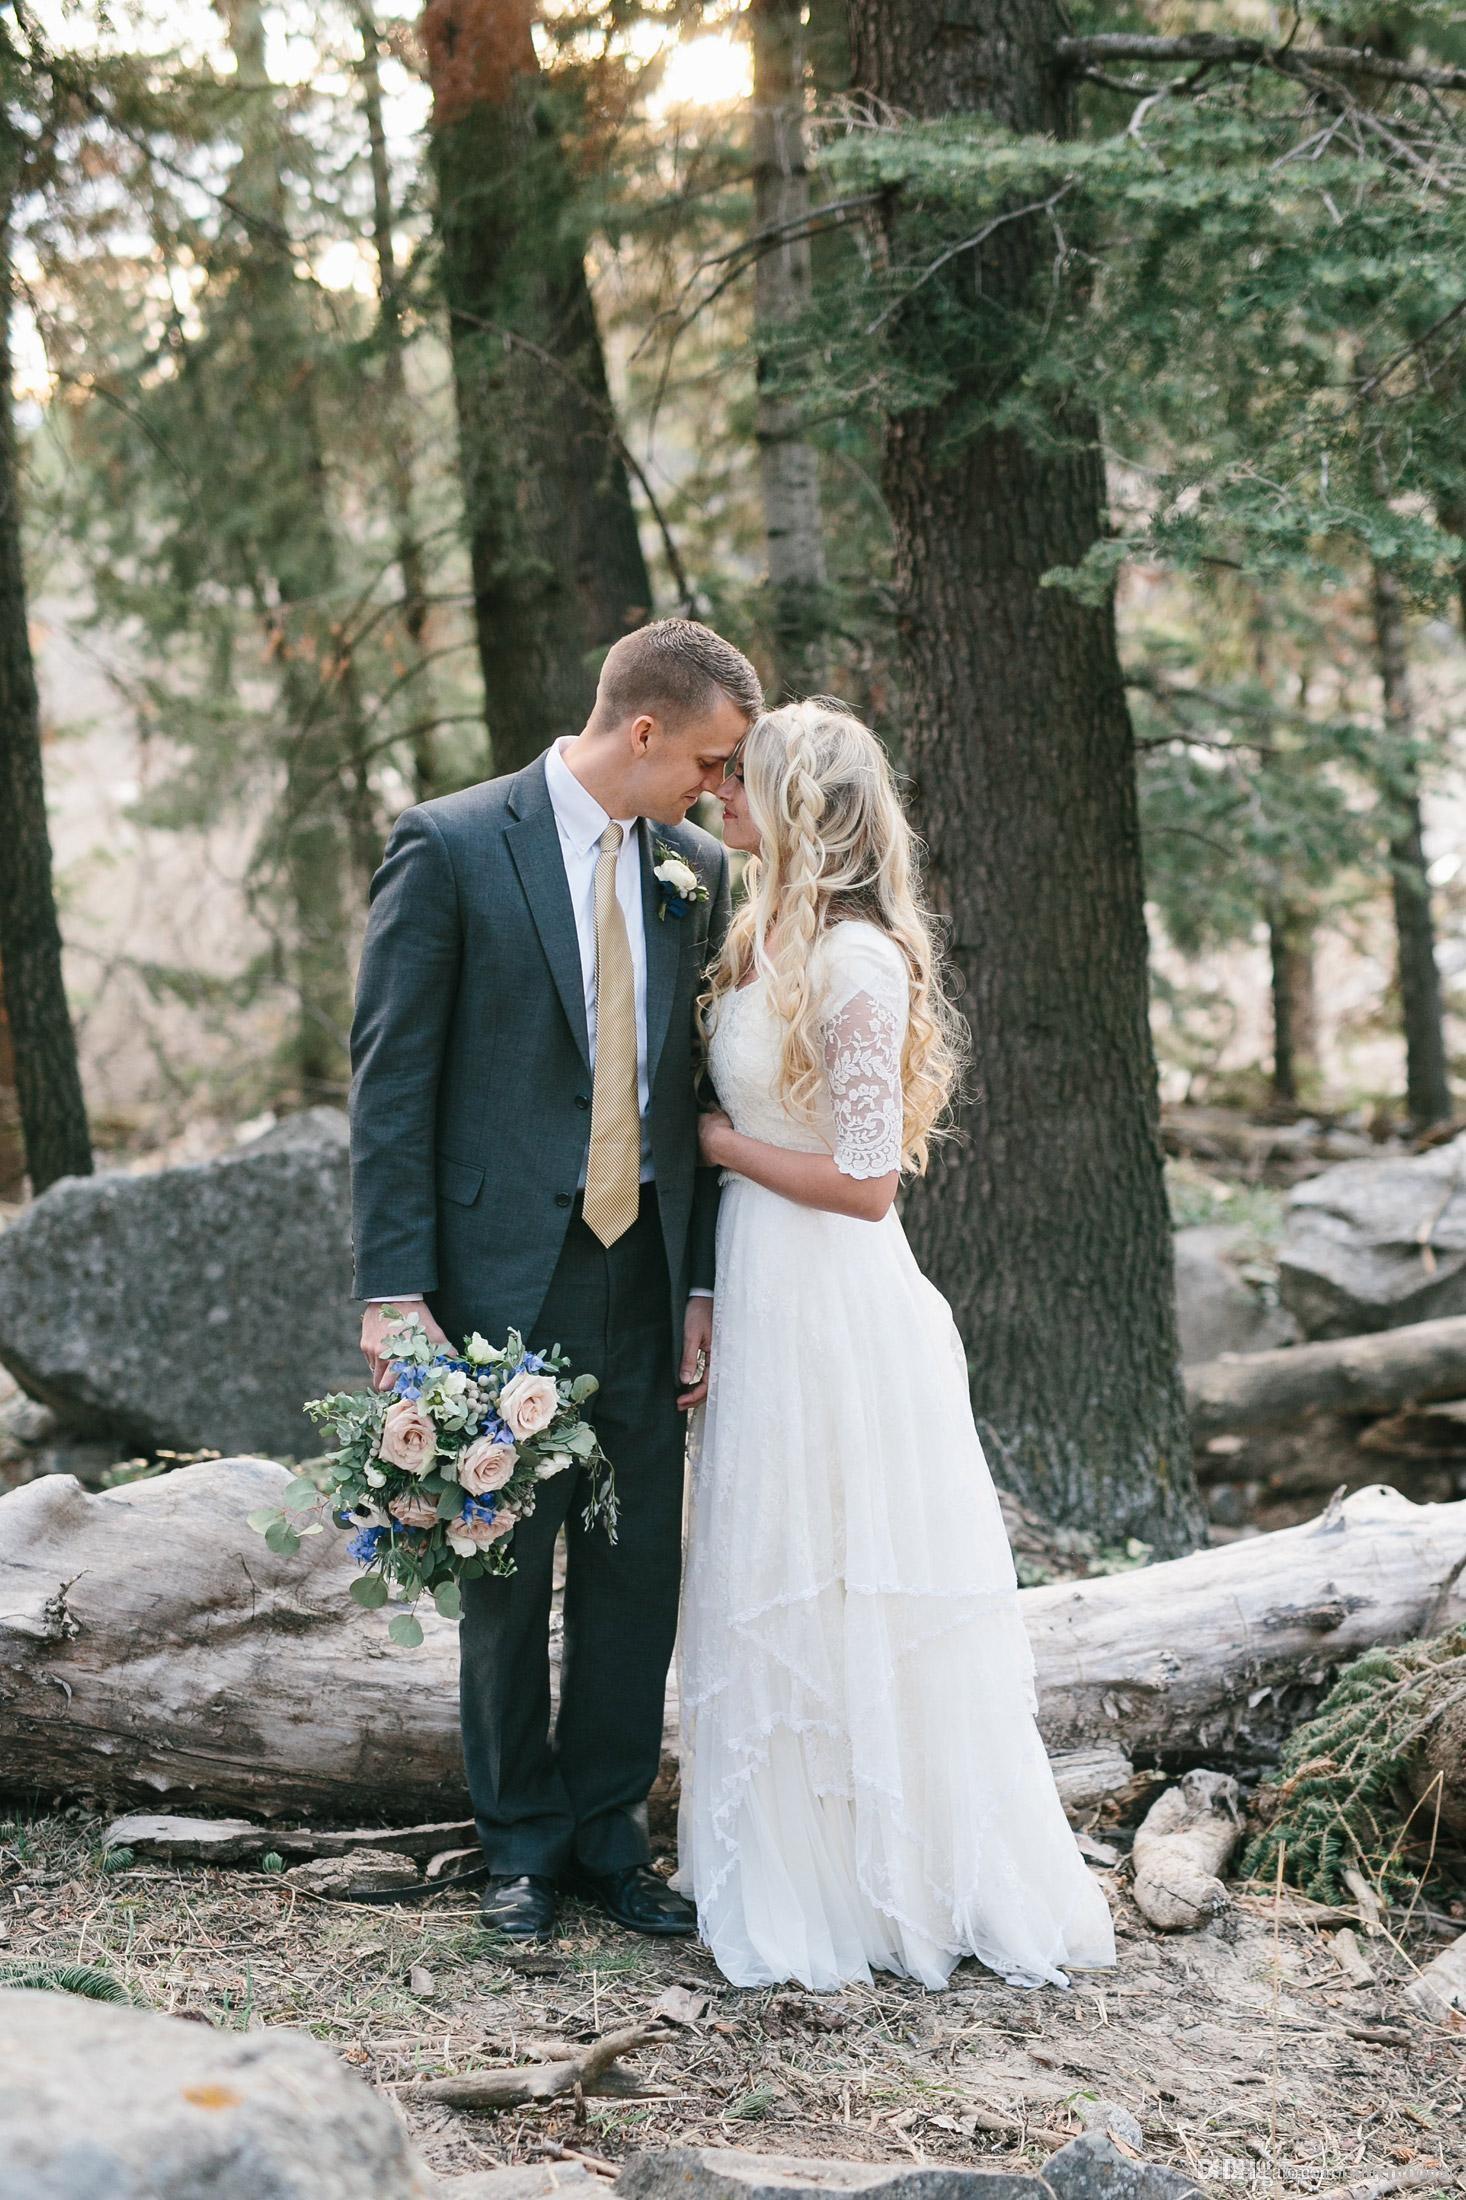 2019 una linea di Boemia lunghi abiti da sposa modesto con i manicotti Lace lunghezza del pavimento con scollo a V manica puro informale Abito da sposa